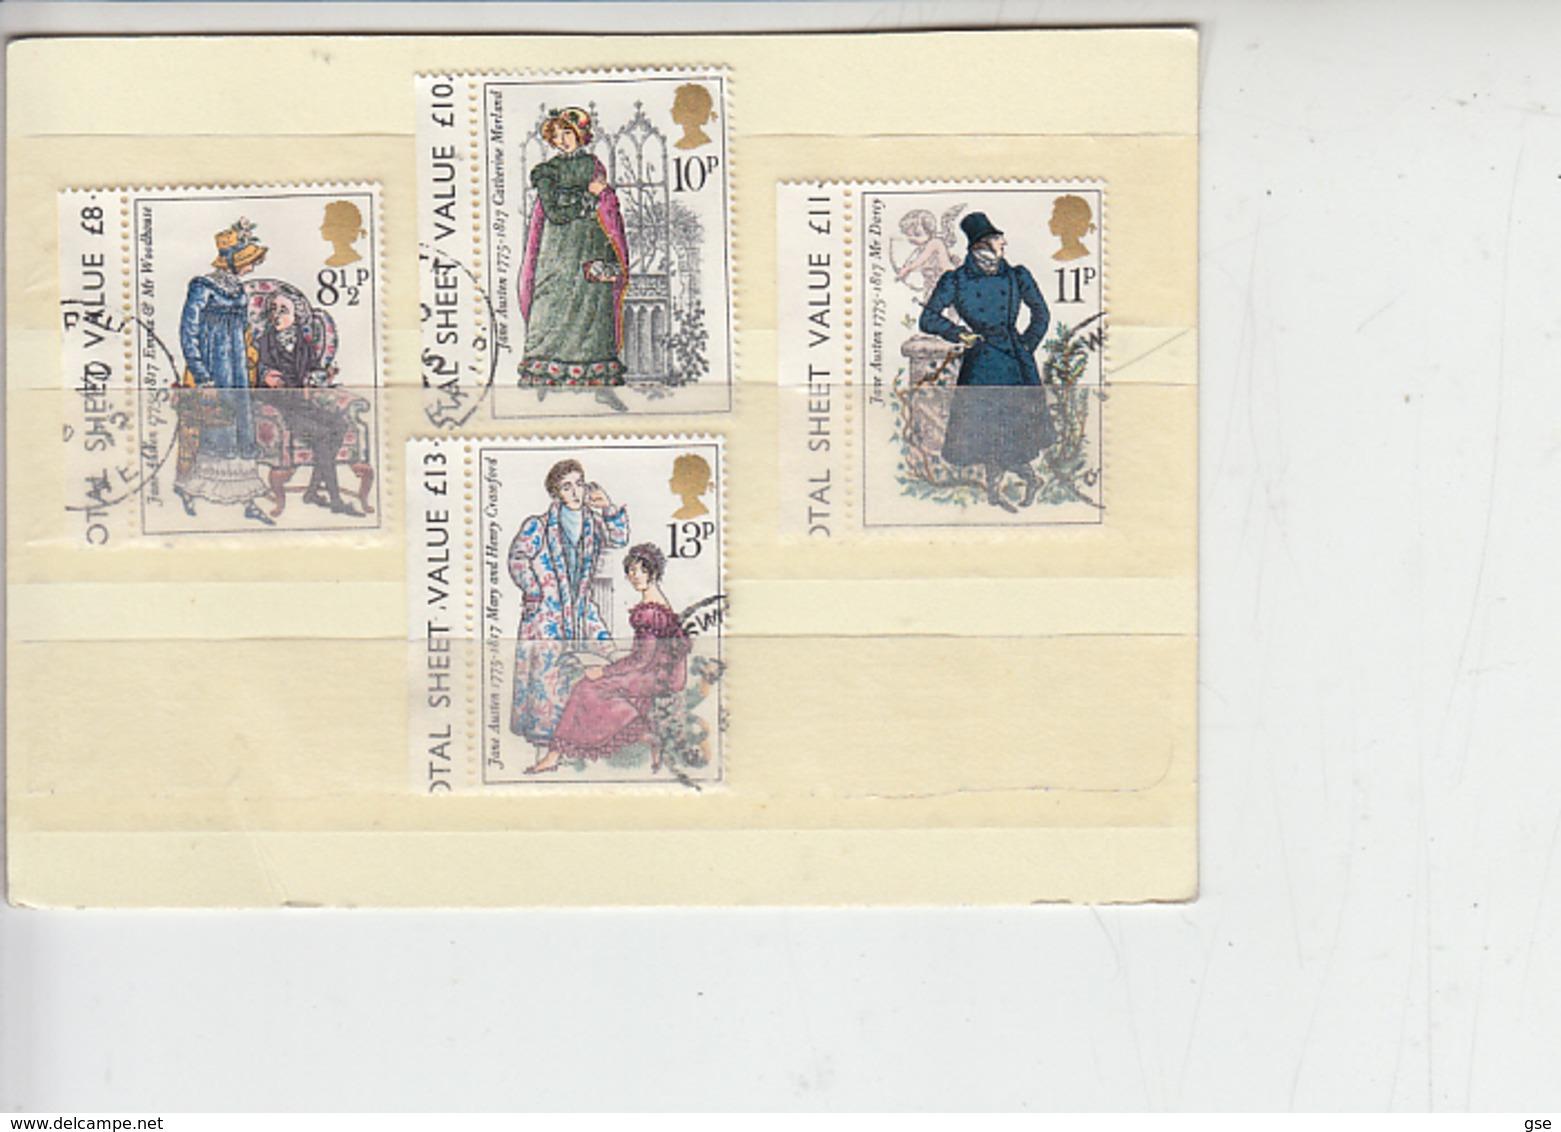 GRAN BRETAGNA 1975 - Unificato 766/69 - J. Austen - Letteratura - Usati